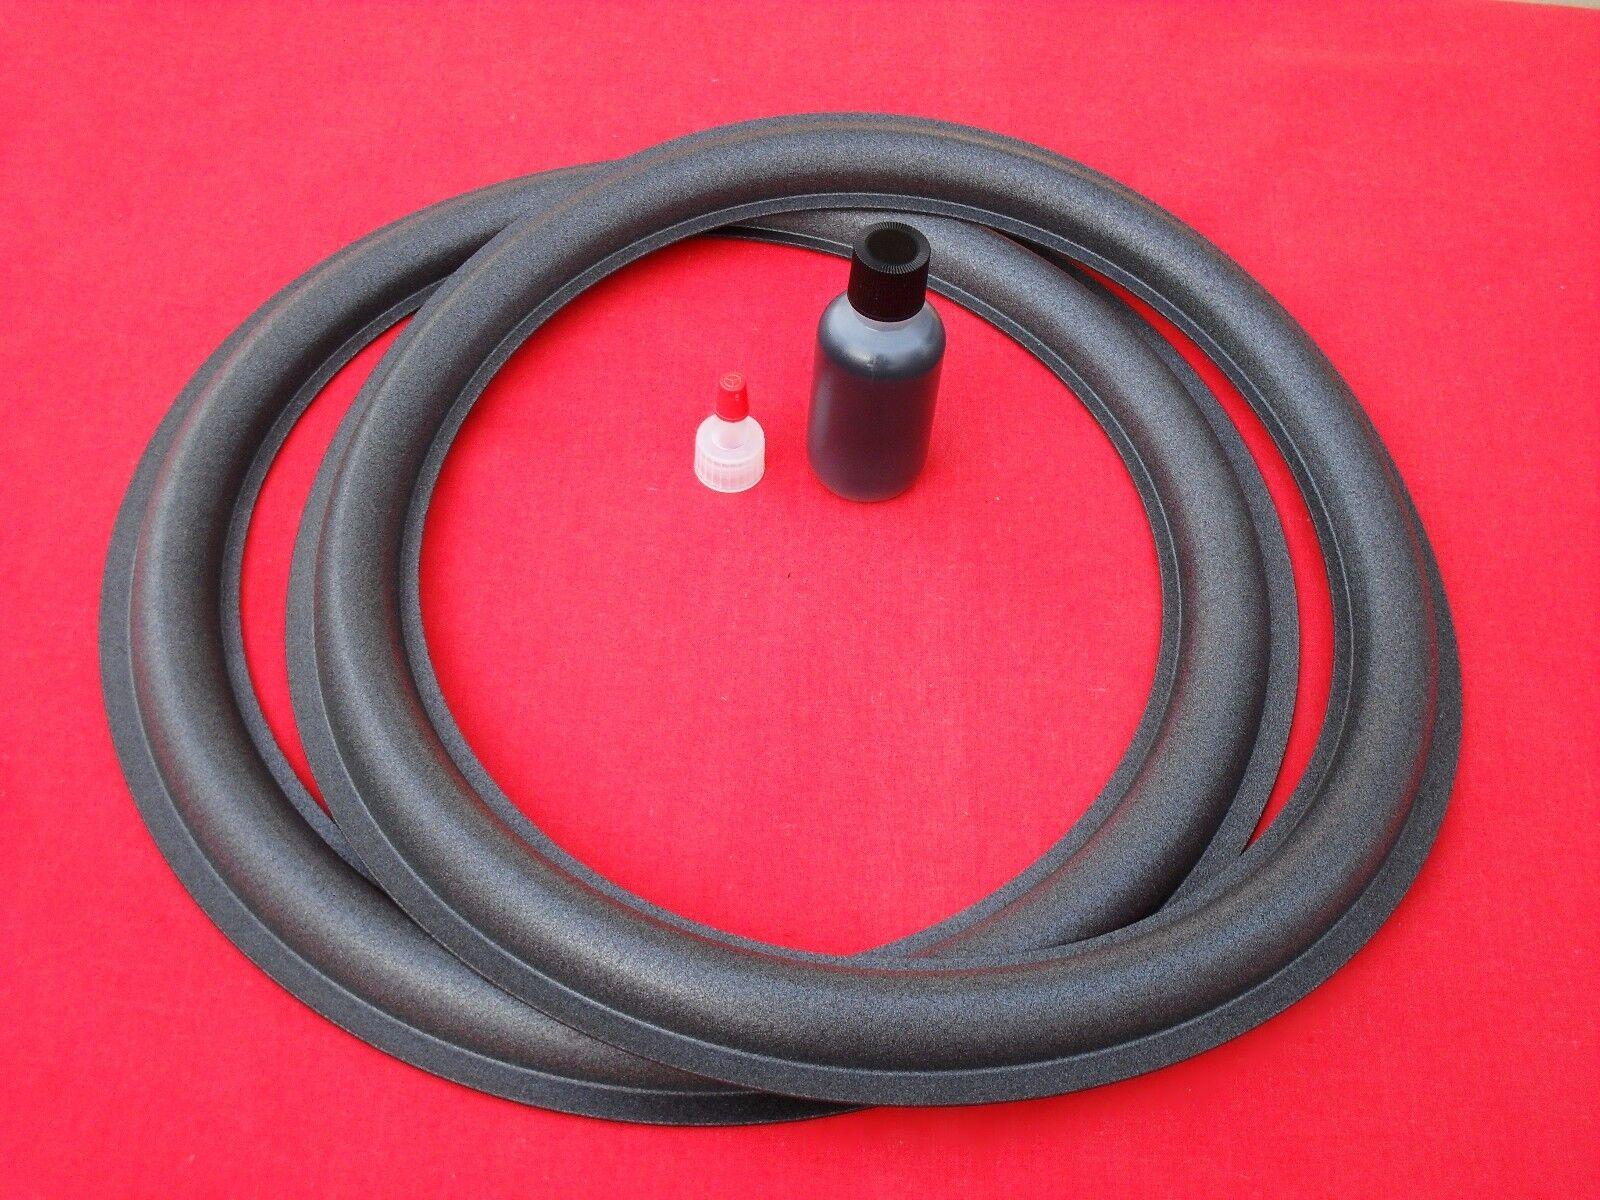 Jl Audio W3 12 Car Compare Prices At Nextag W6 Wiring 2 Foam Surround Kit For 12w3 12w6 12w3v2